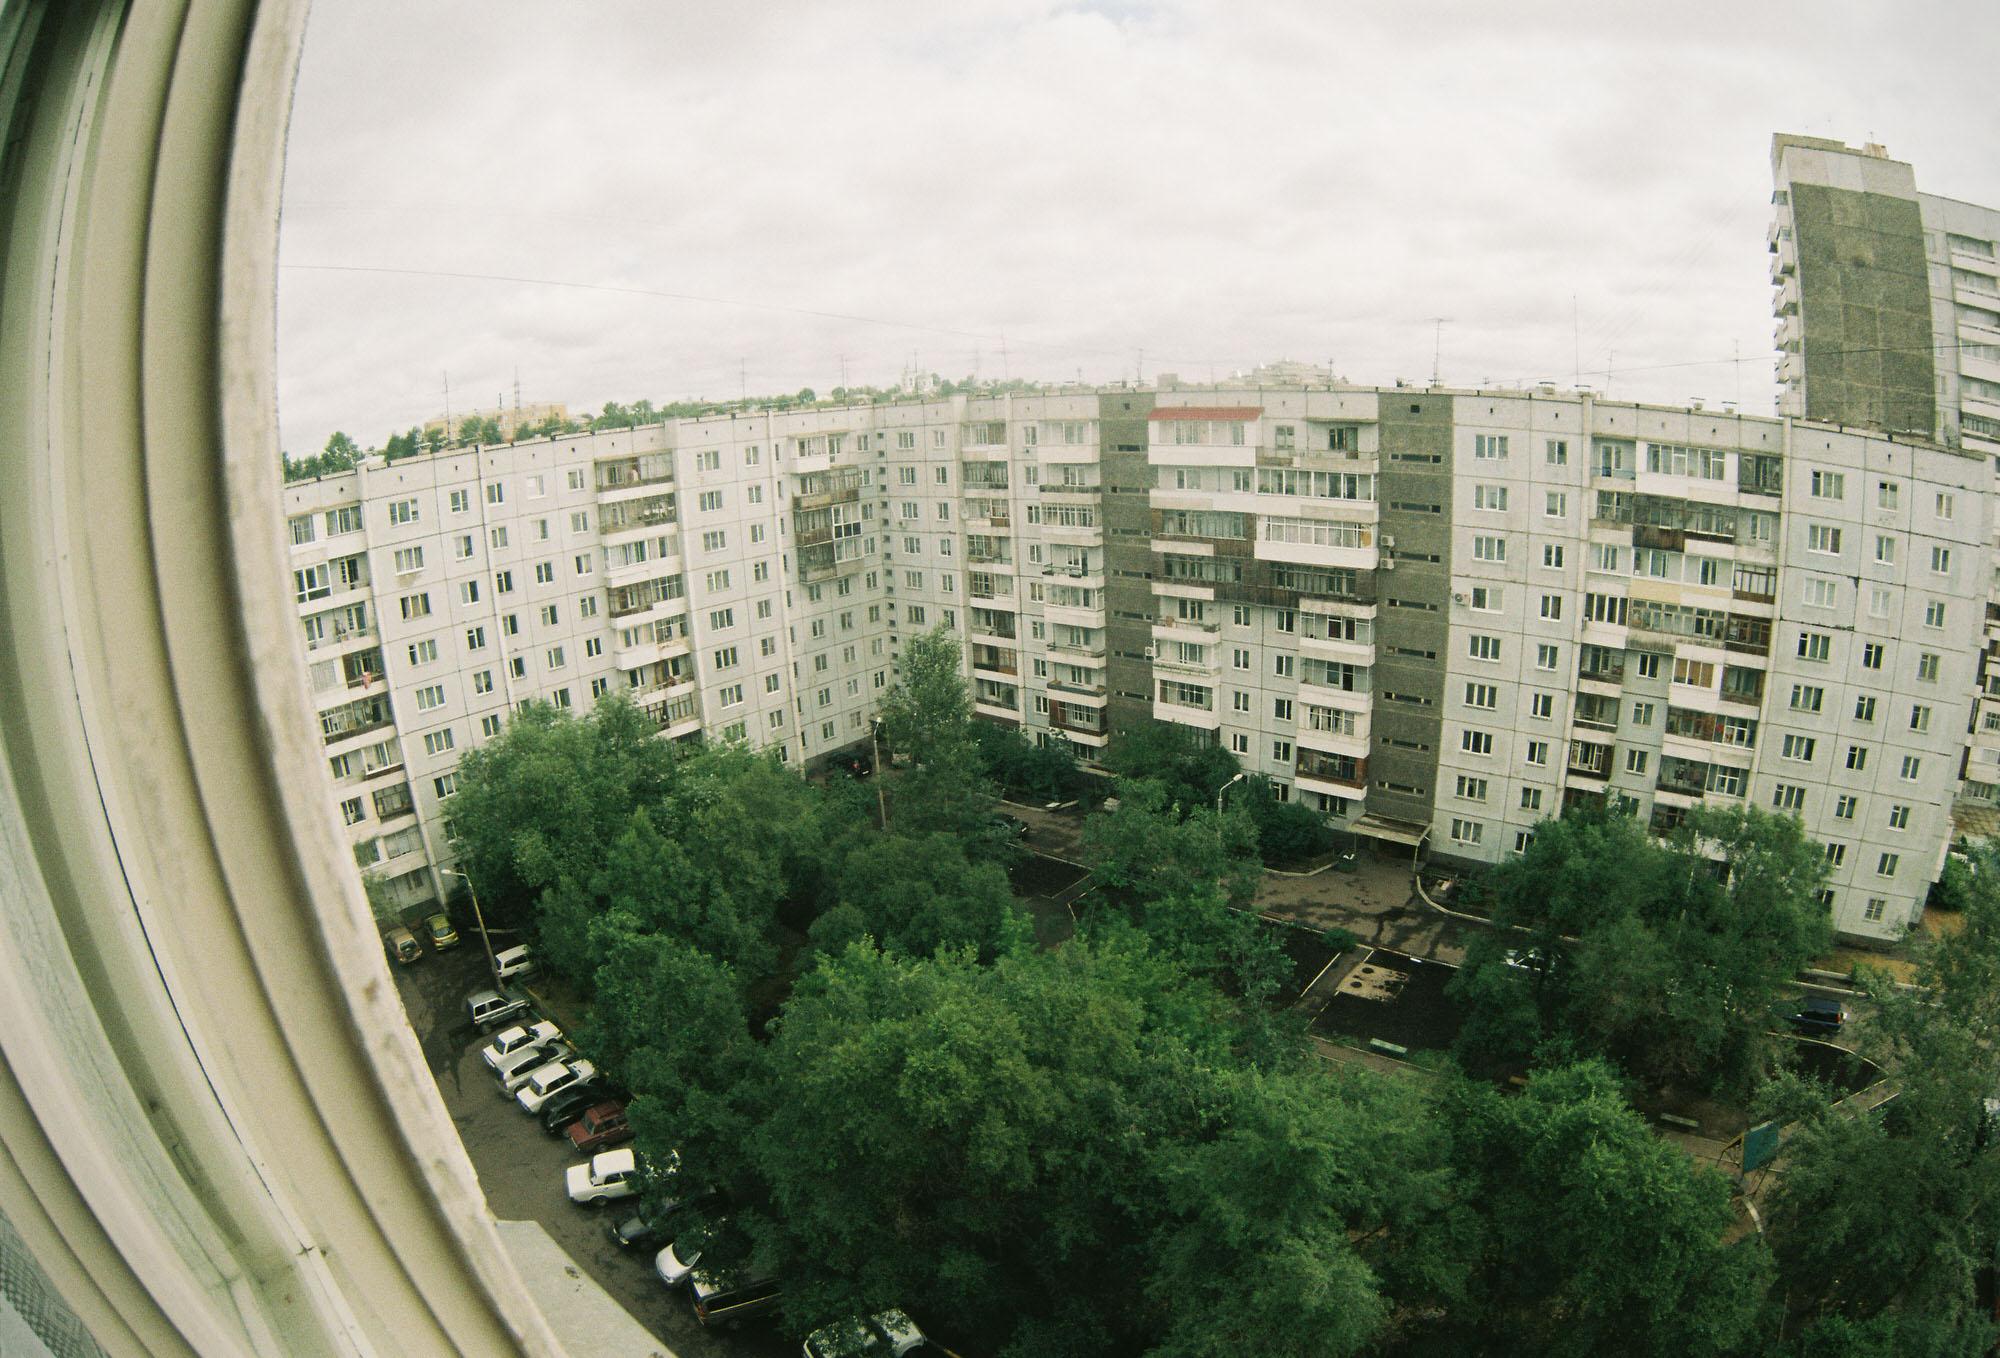 35mmPatrikWallner_Krasnoyarsk_AptViewLOWQ